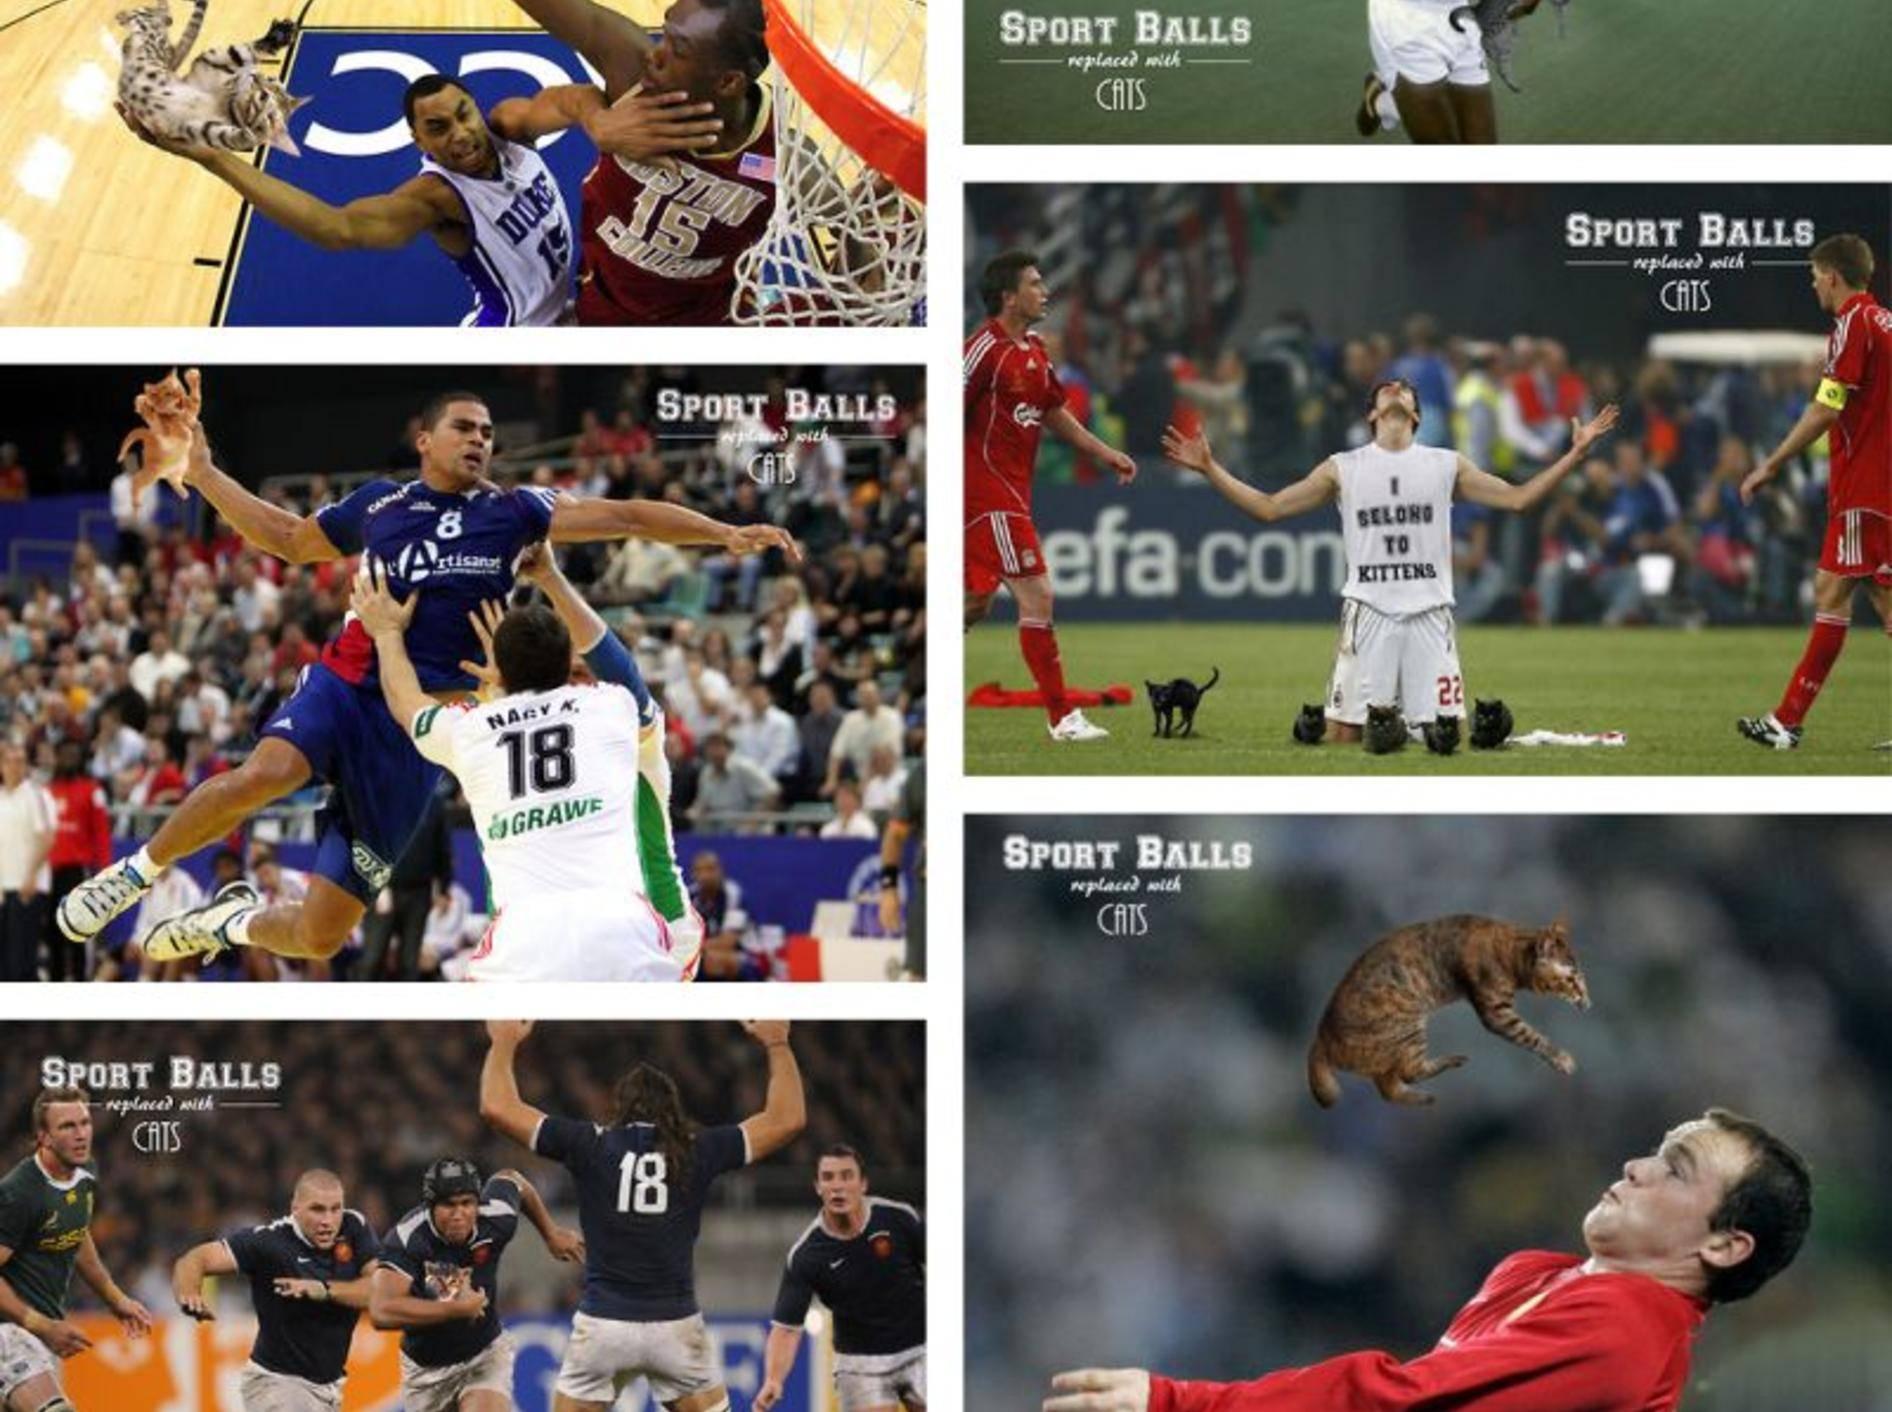 """Makaberer """"Scherz"""": Ballspiel mit Katzen — Bild: 2013 Tumblr / sportballsreplacedwithcats"""